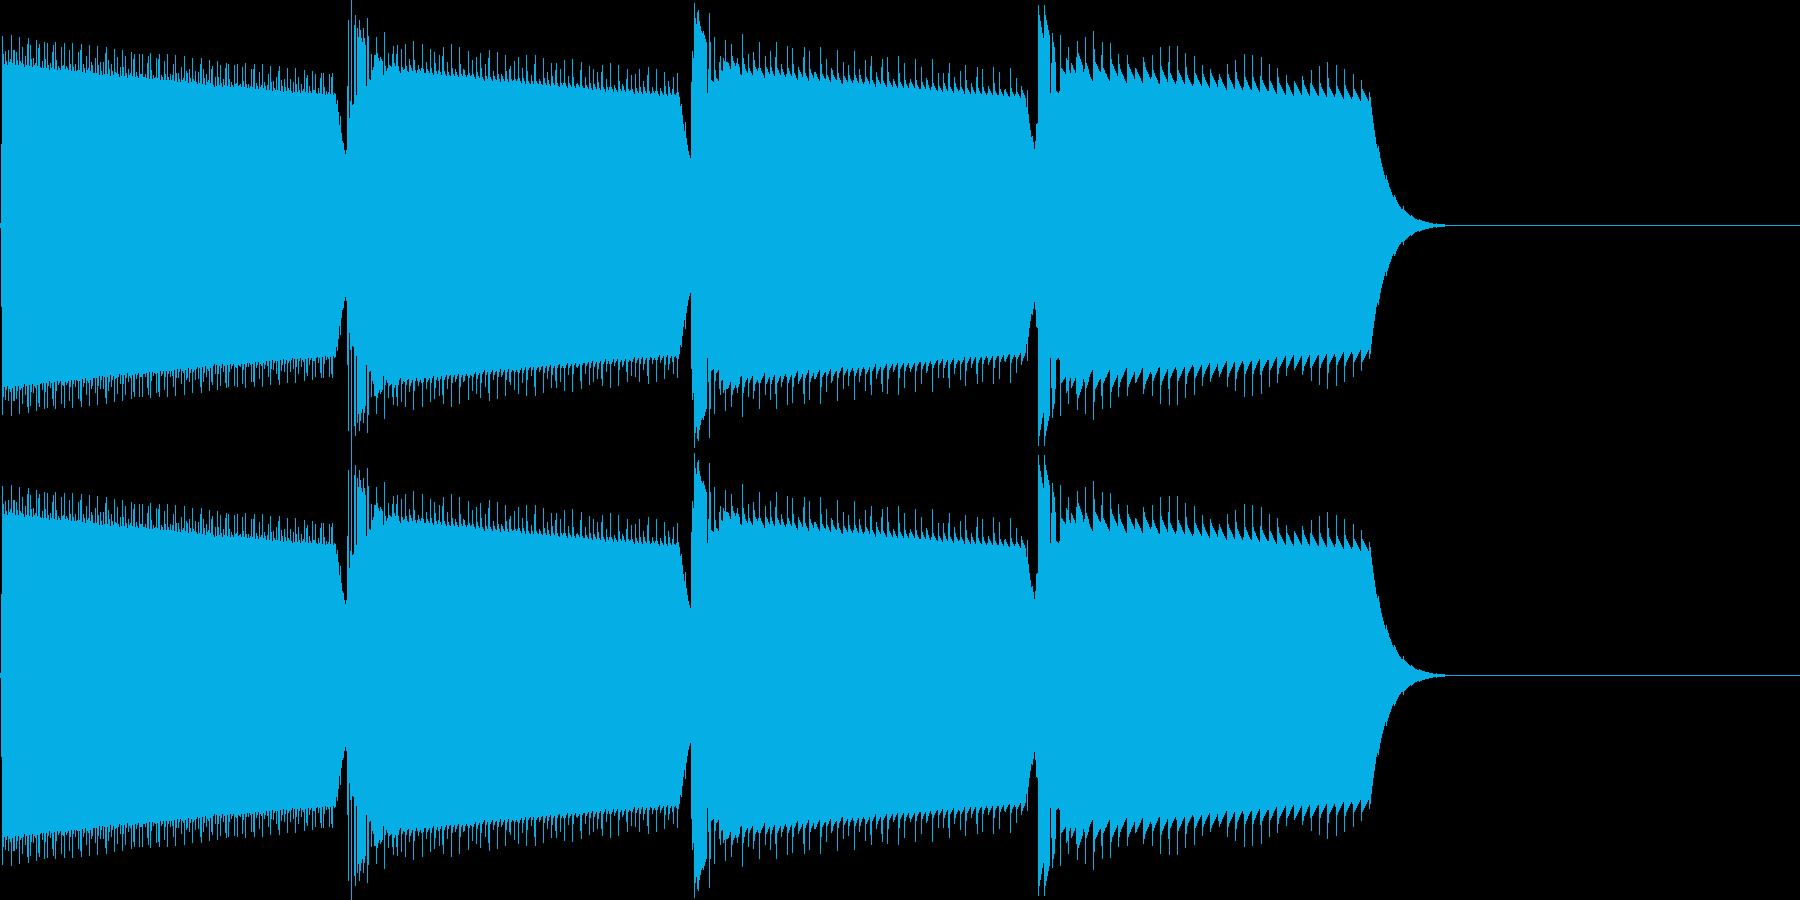 キャンセル音(ピロロロ)の再生済みの波形